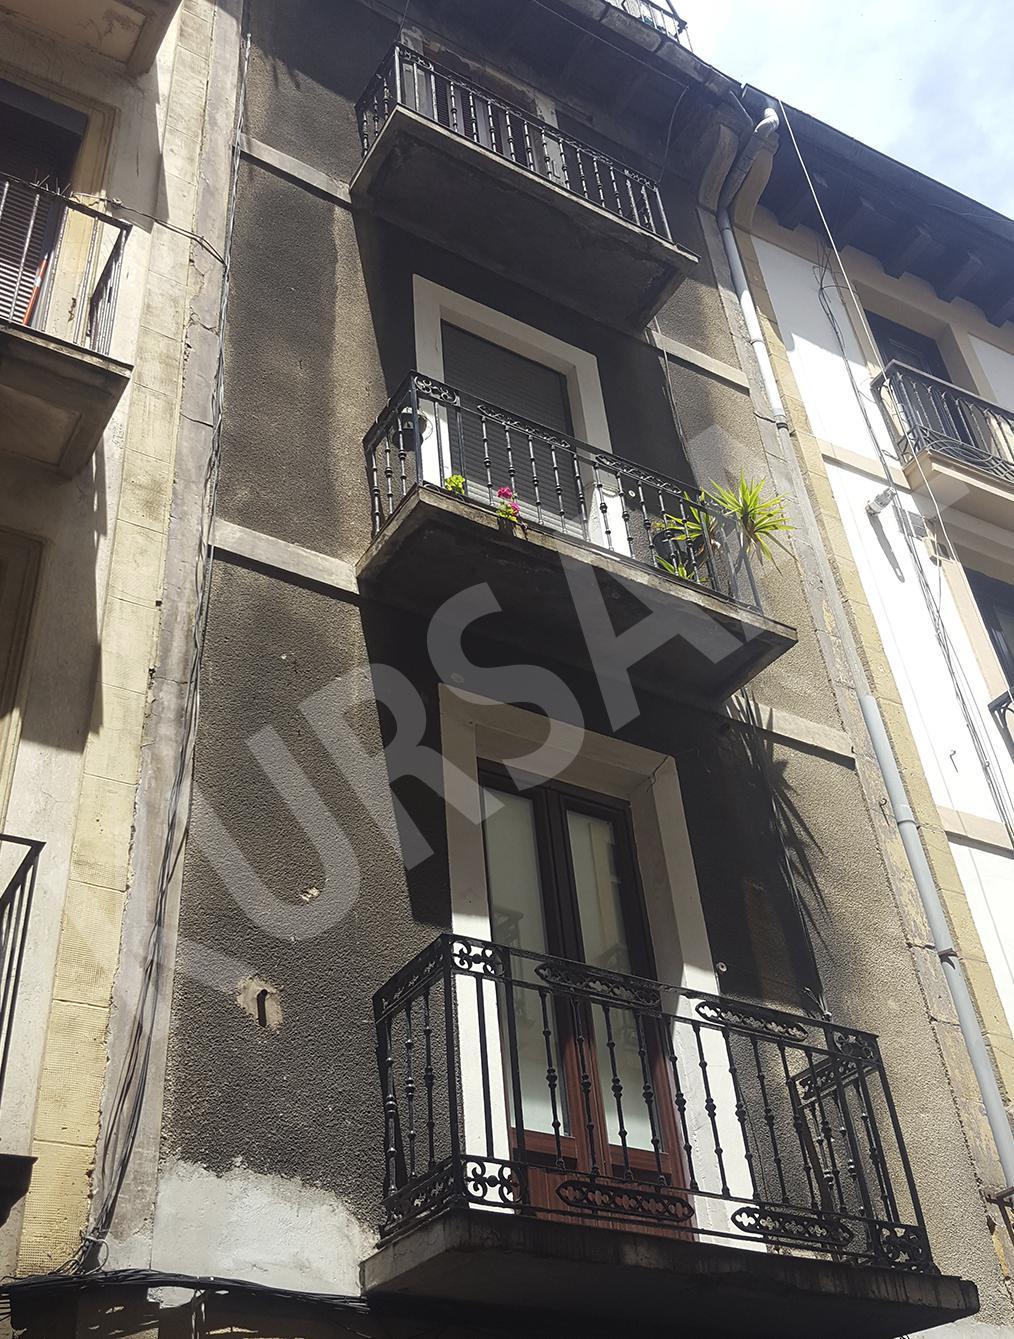 foto 1 - Restauración y patrimonio-Juan de Bilbao 4-DONOSTIA